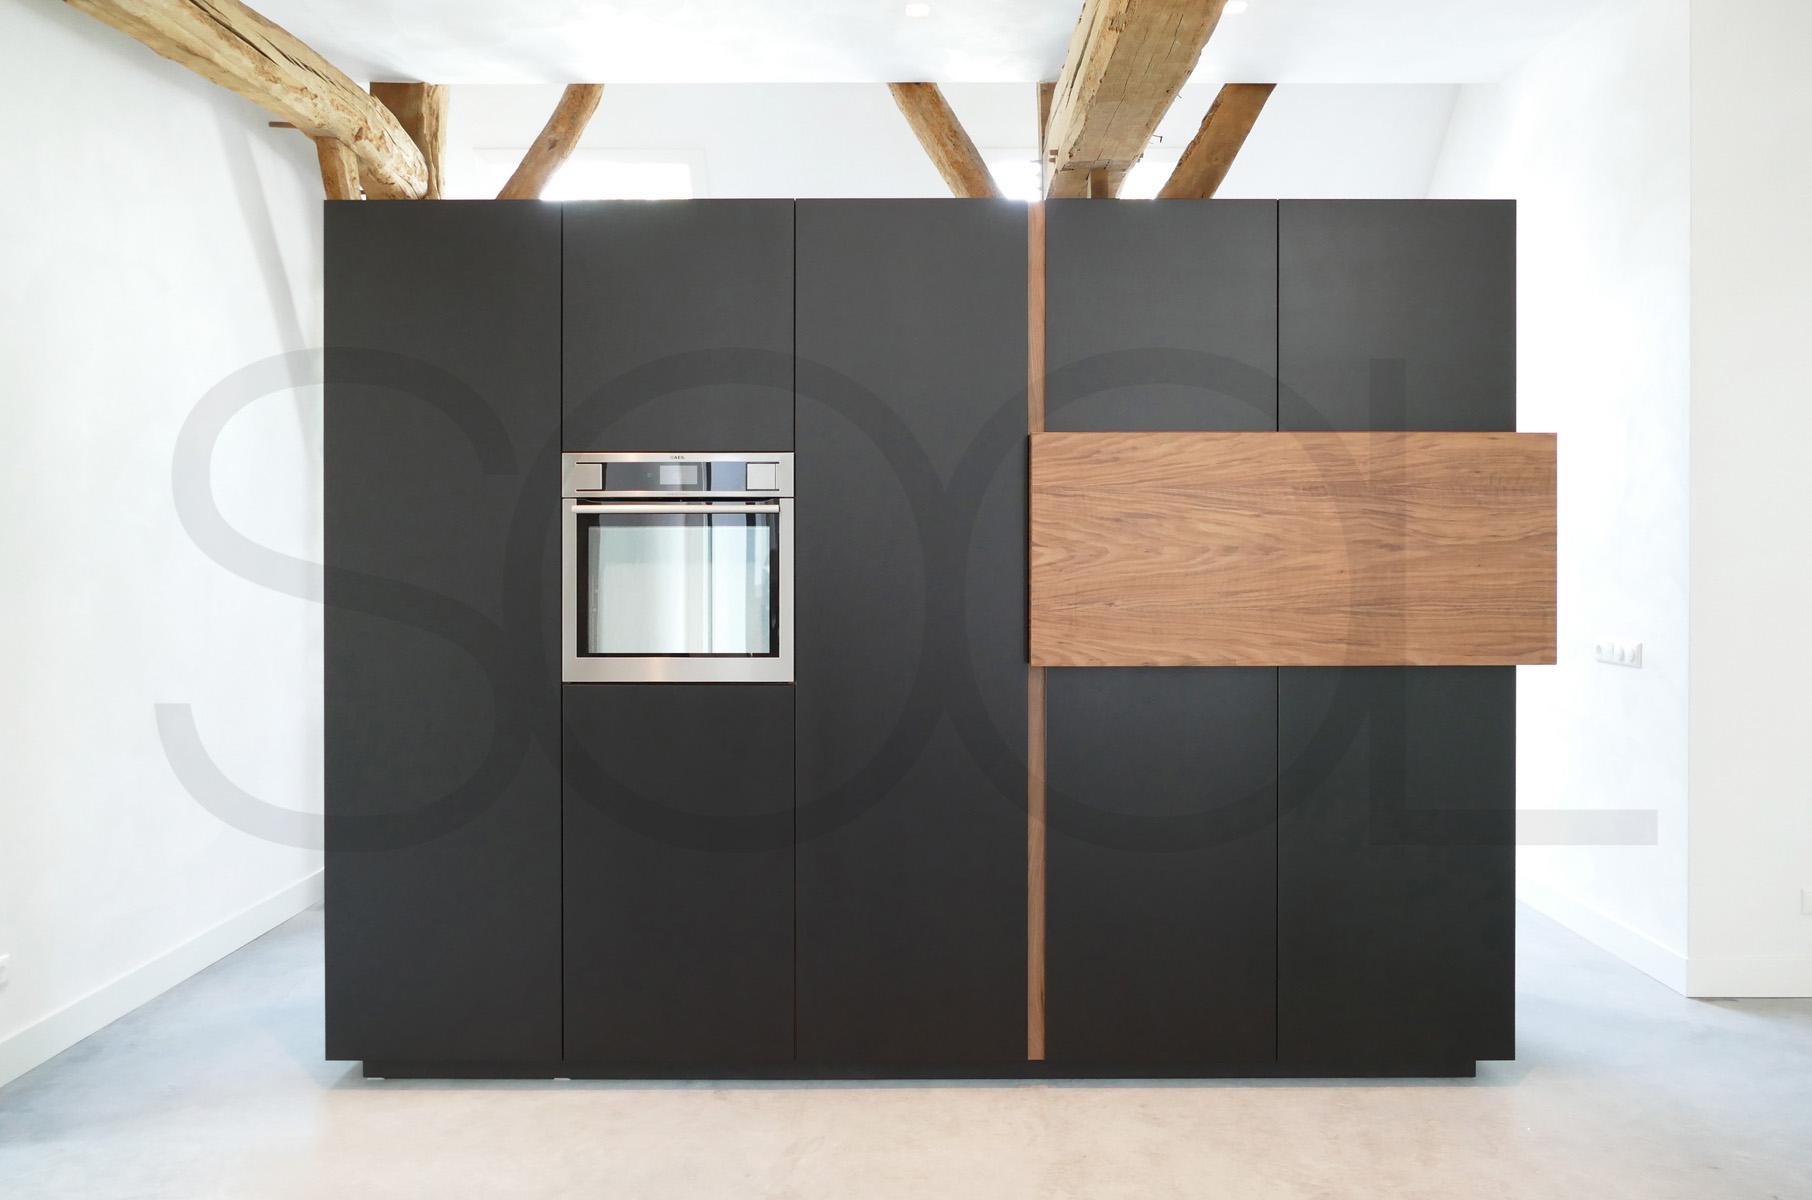 Achterwand Keuken Mdf : Zwarte mdf keuken u informatie over de keuken